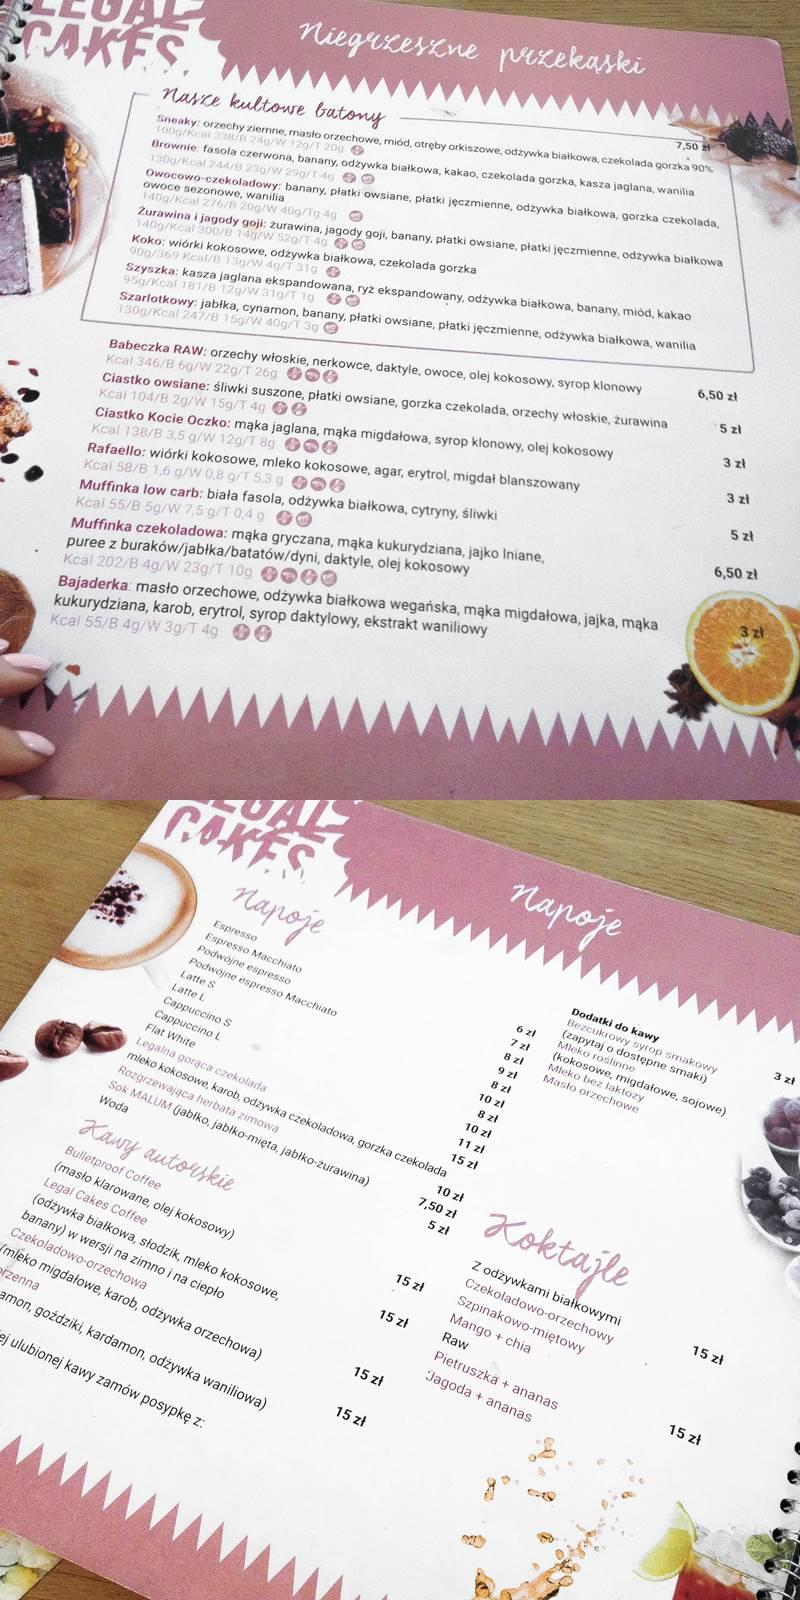 ciasto-menu-3-bounty-czekoladowe-legal-cake-warszawa-opinie-restauracja-chlodna